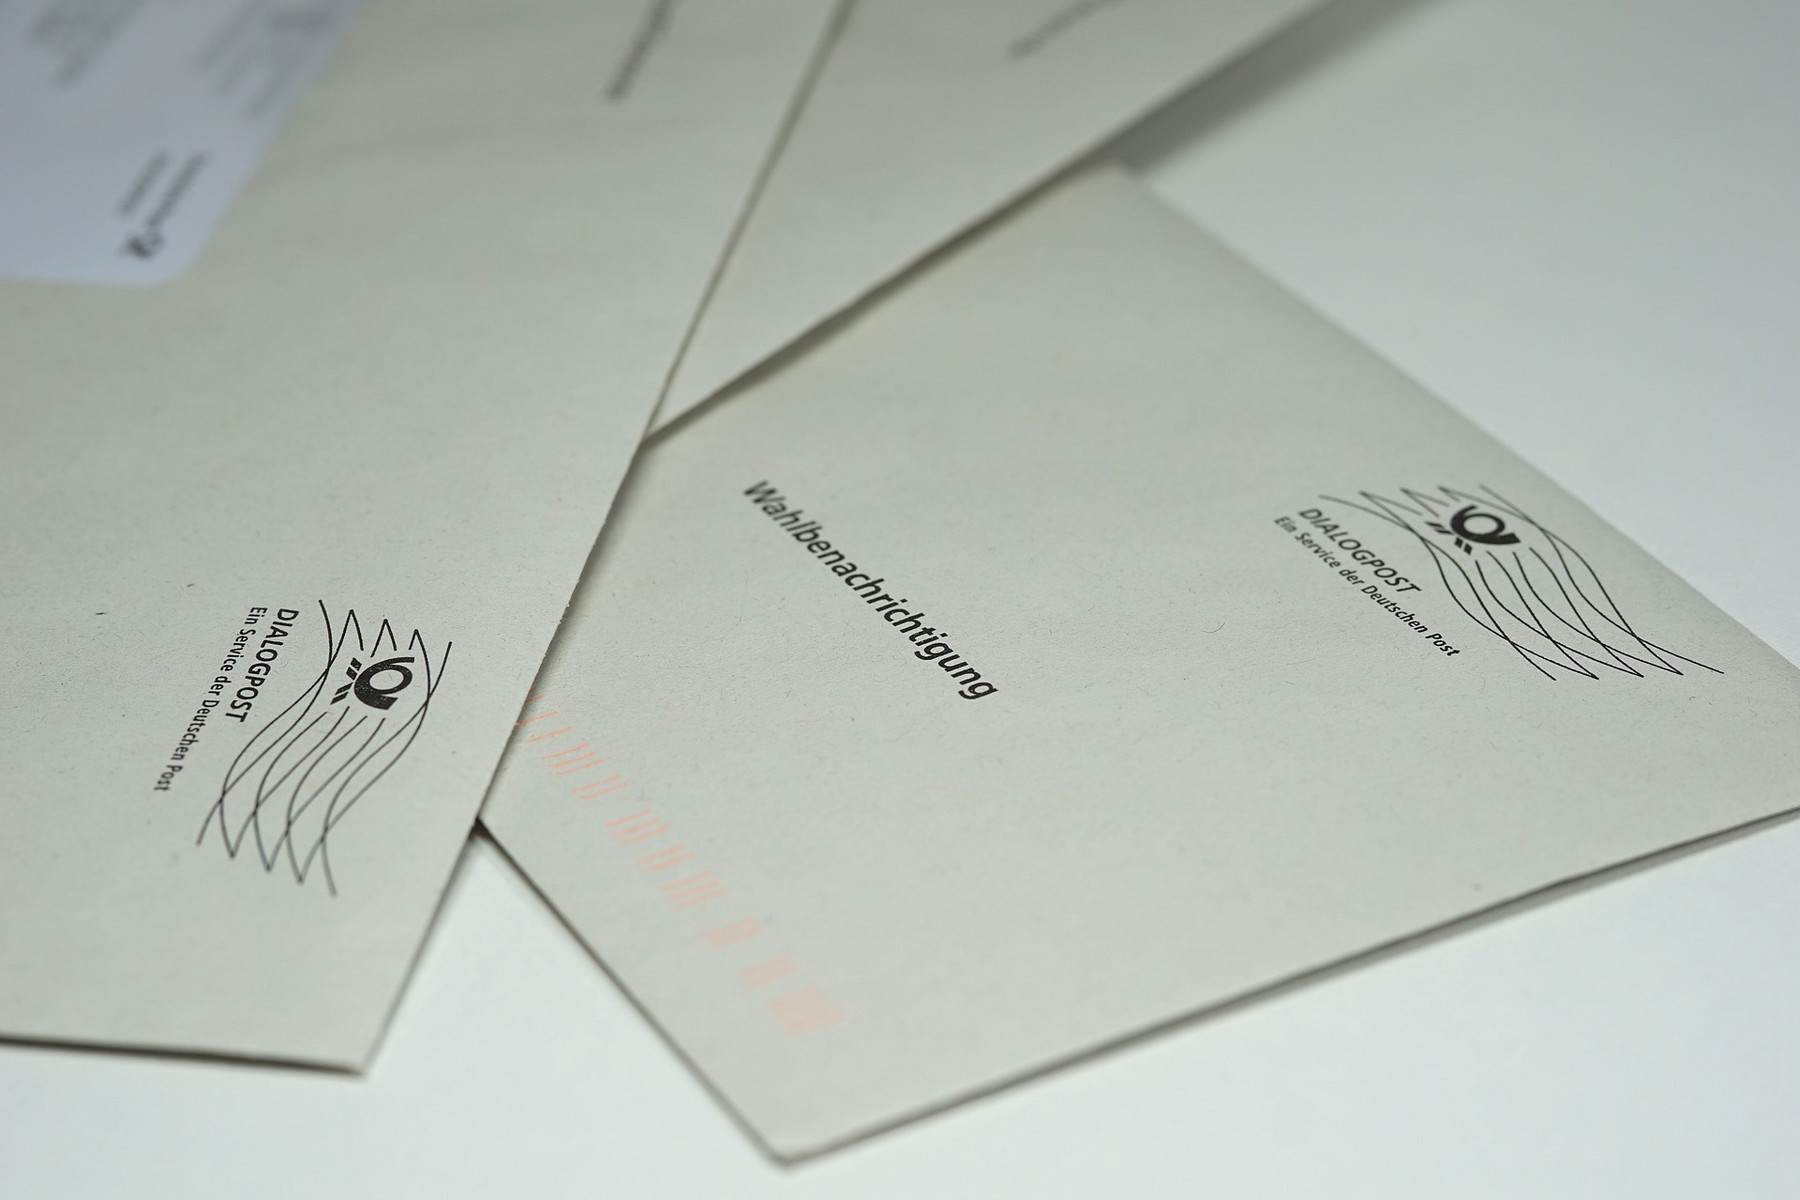 CCC: Software zur Auswertung der Bundestagswahl unsicher